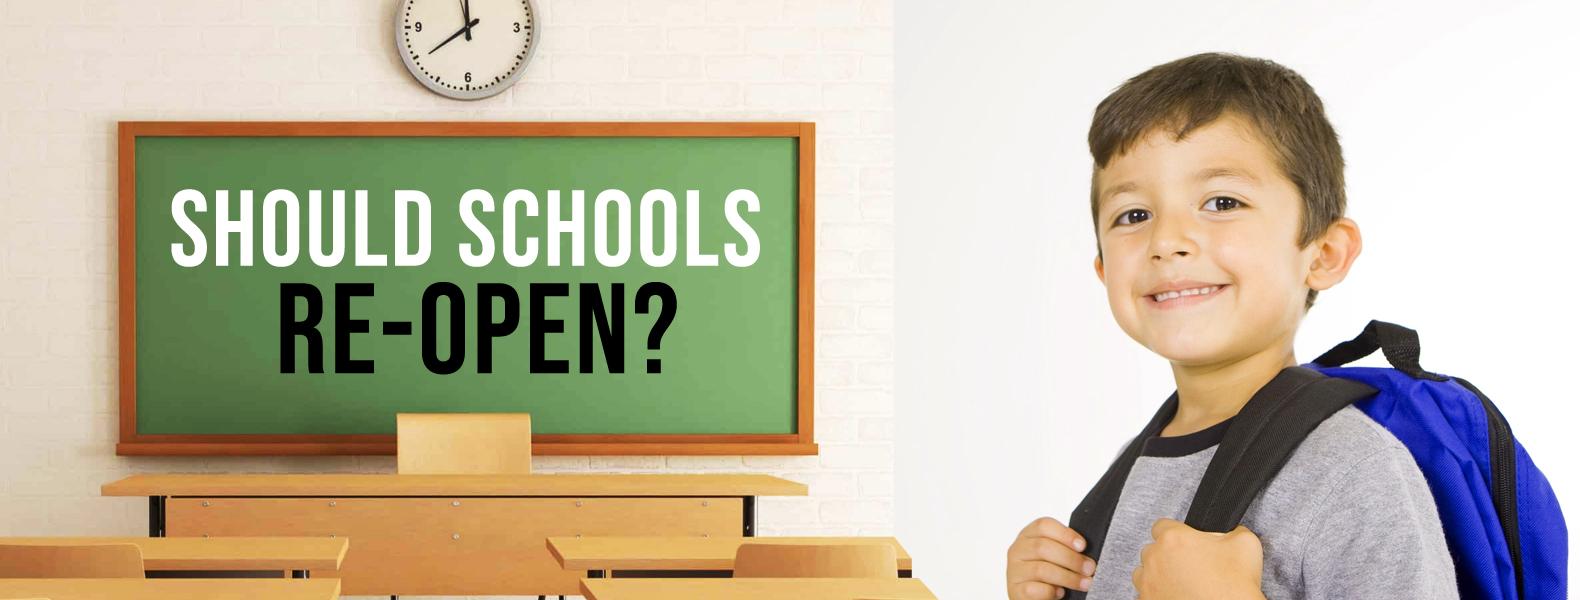 SHOULD SCHOOLS RE-OPEN